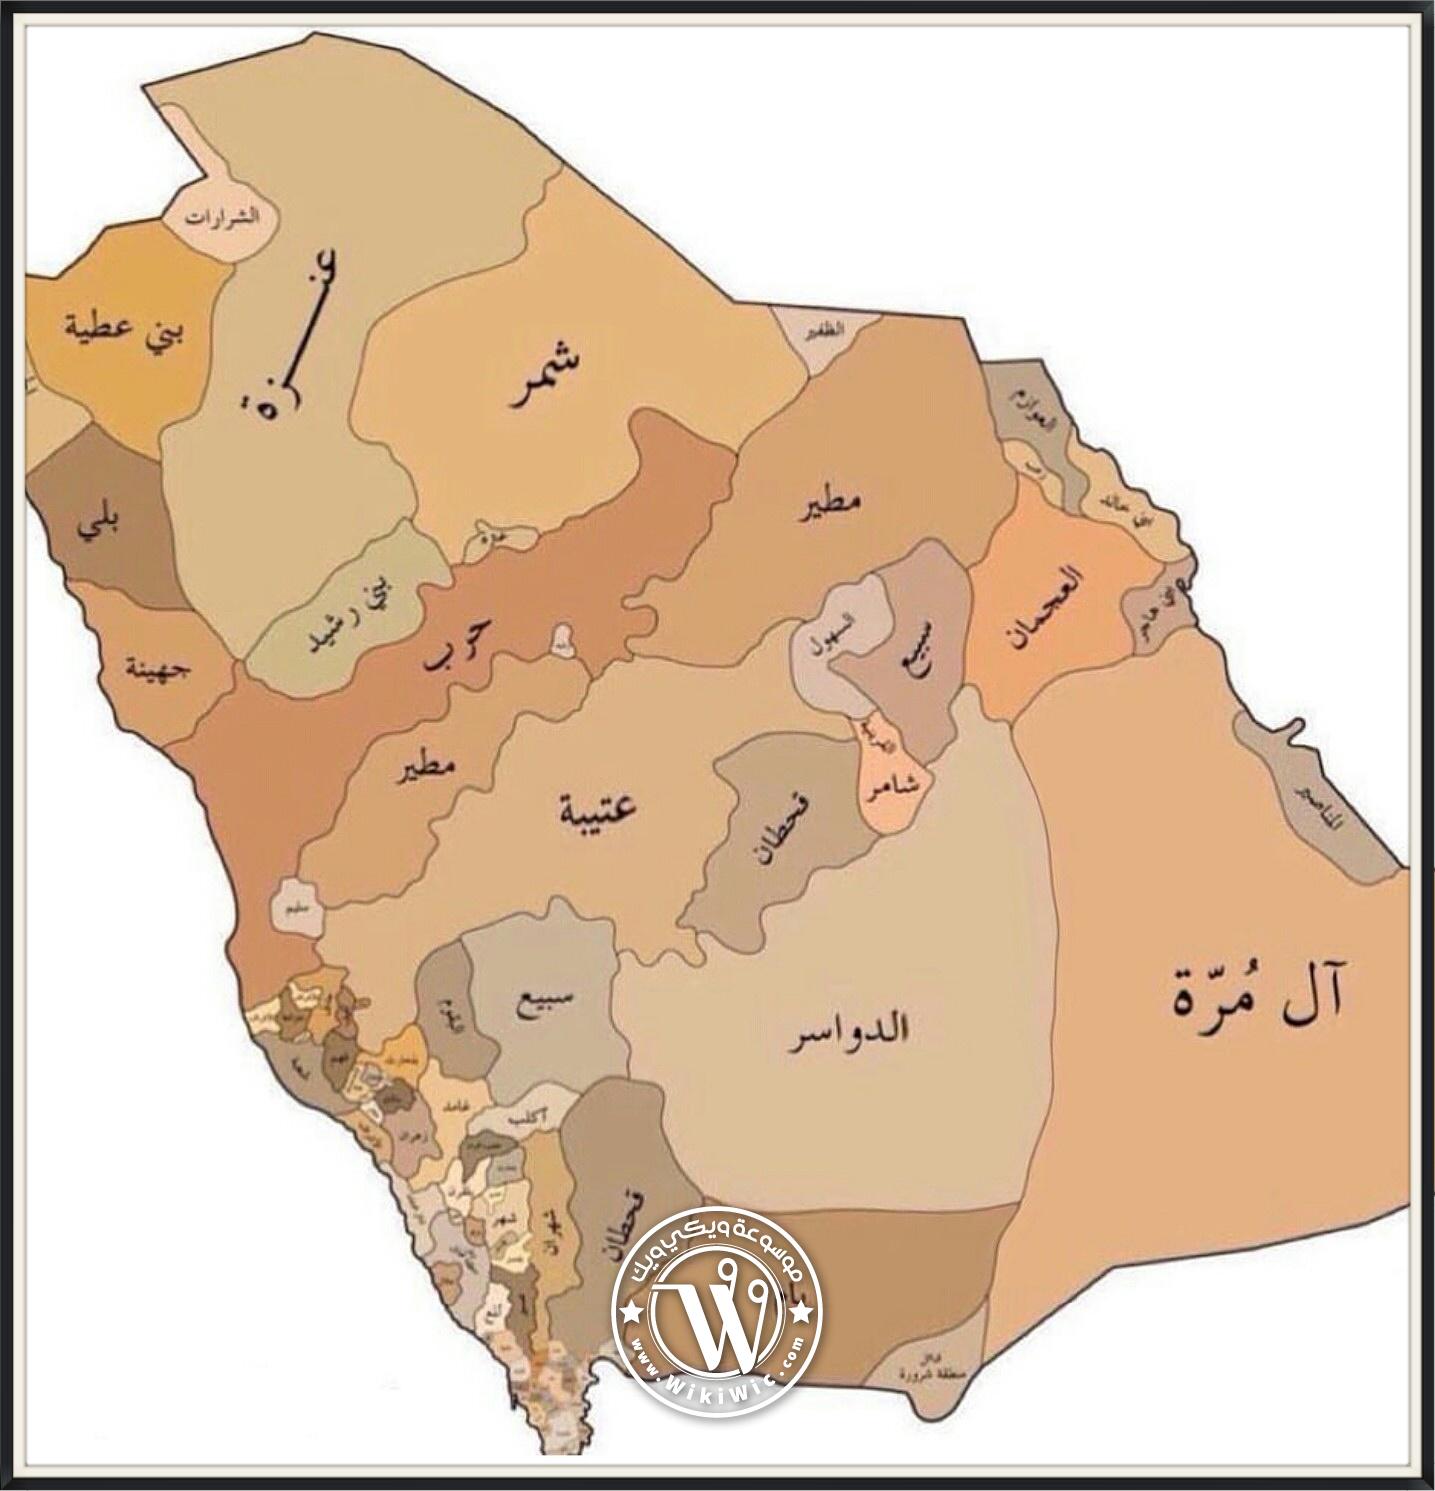 أسماء القبائل السعودية أكبر القبائل السعودية عددا Wiki Wic ويكي ويك